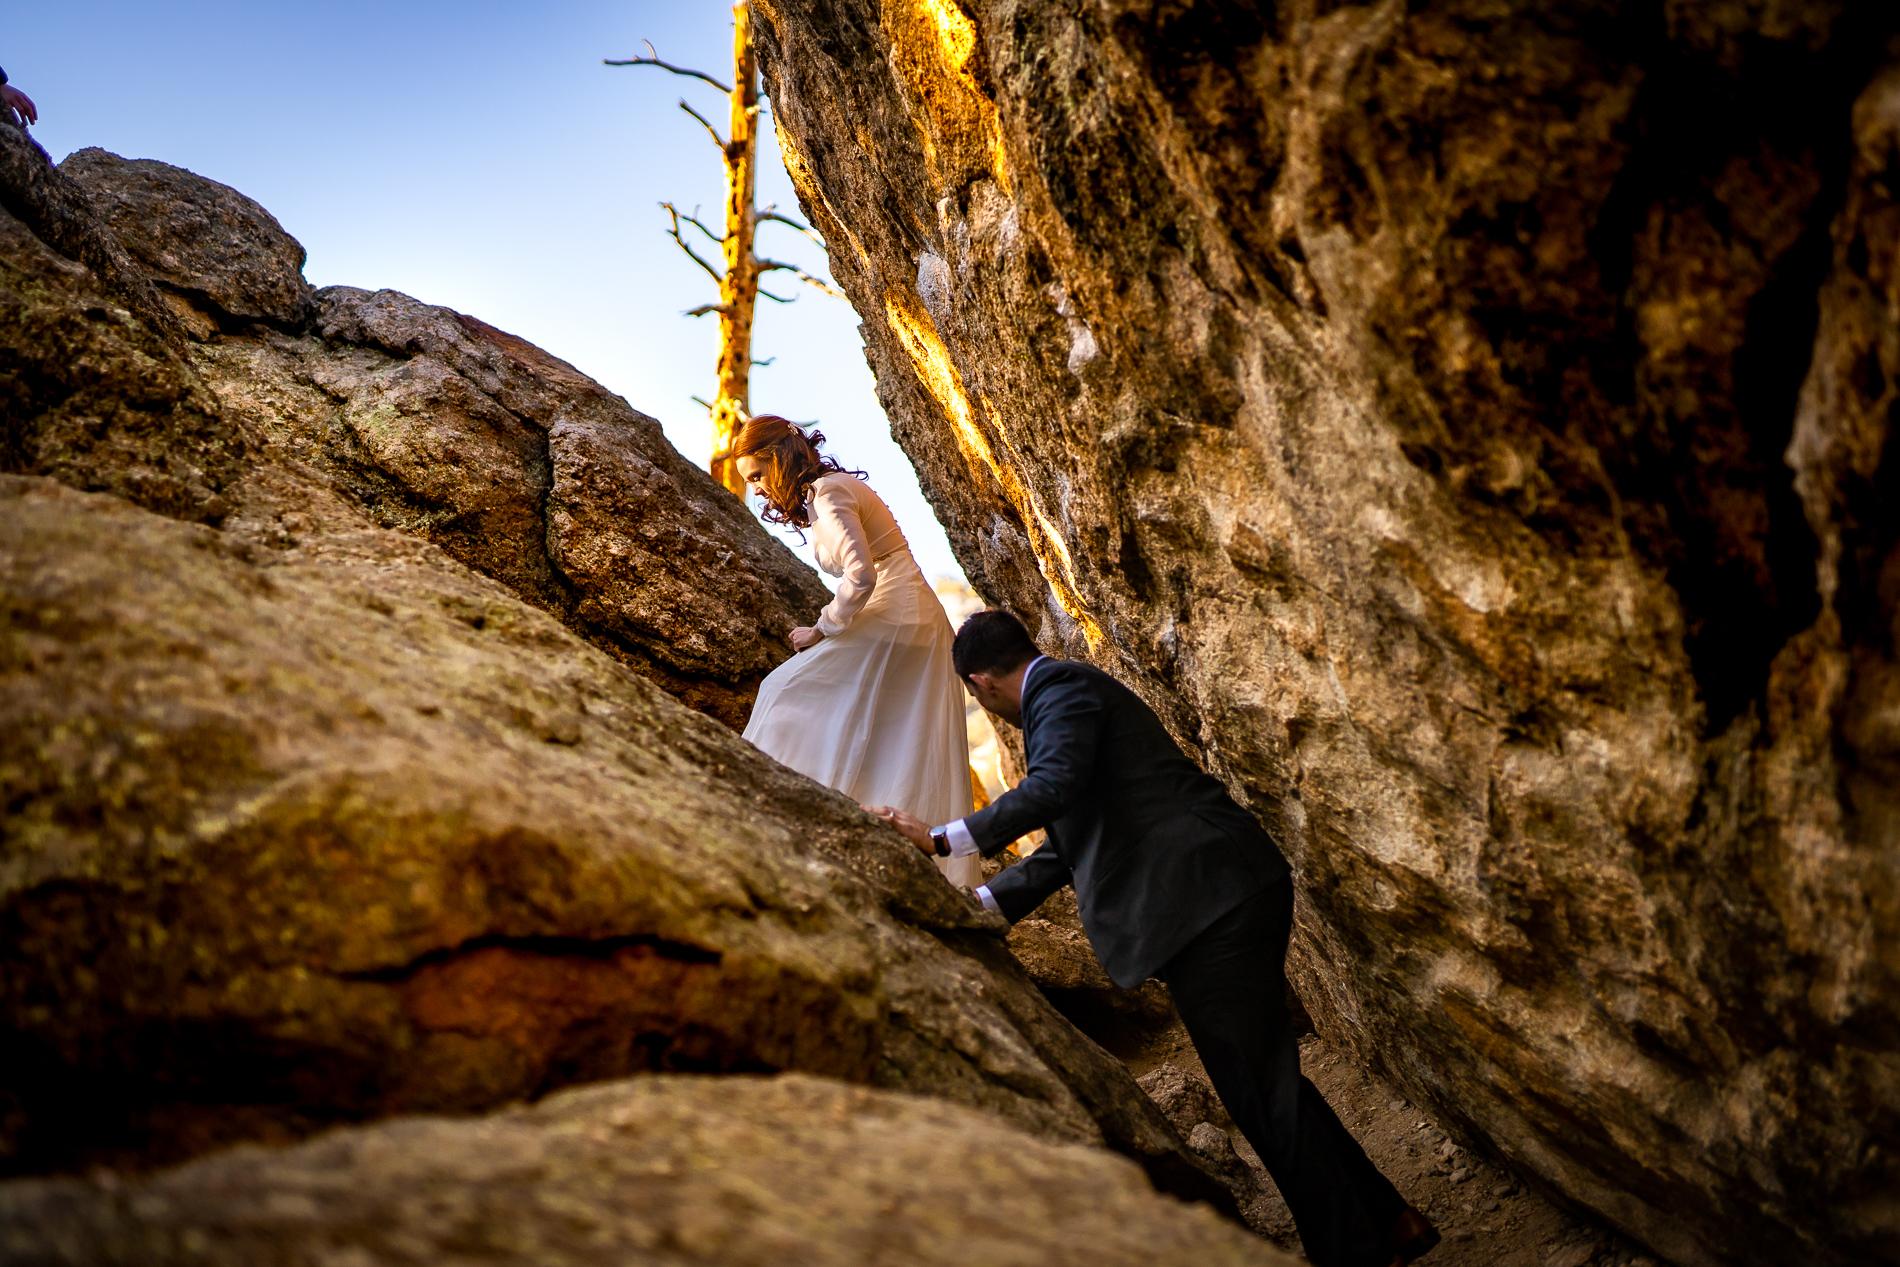 Photo de mariage Colorado Elopement | La mariée et le marié escaladent un terrain rocheux après leur fuite privée